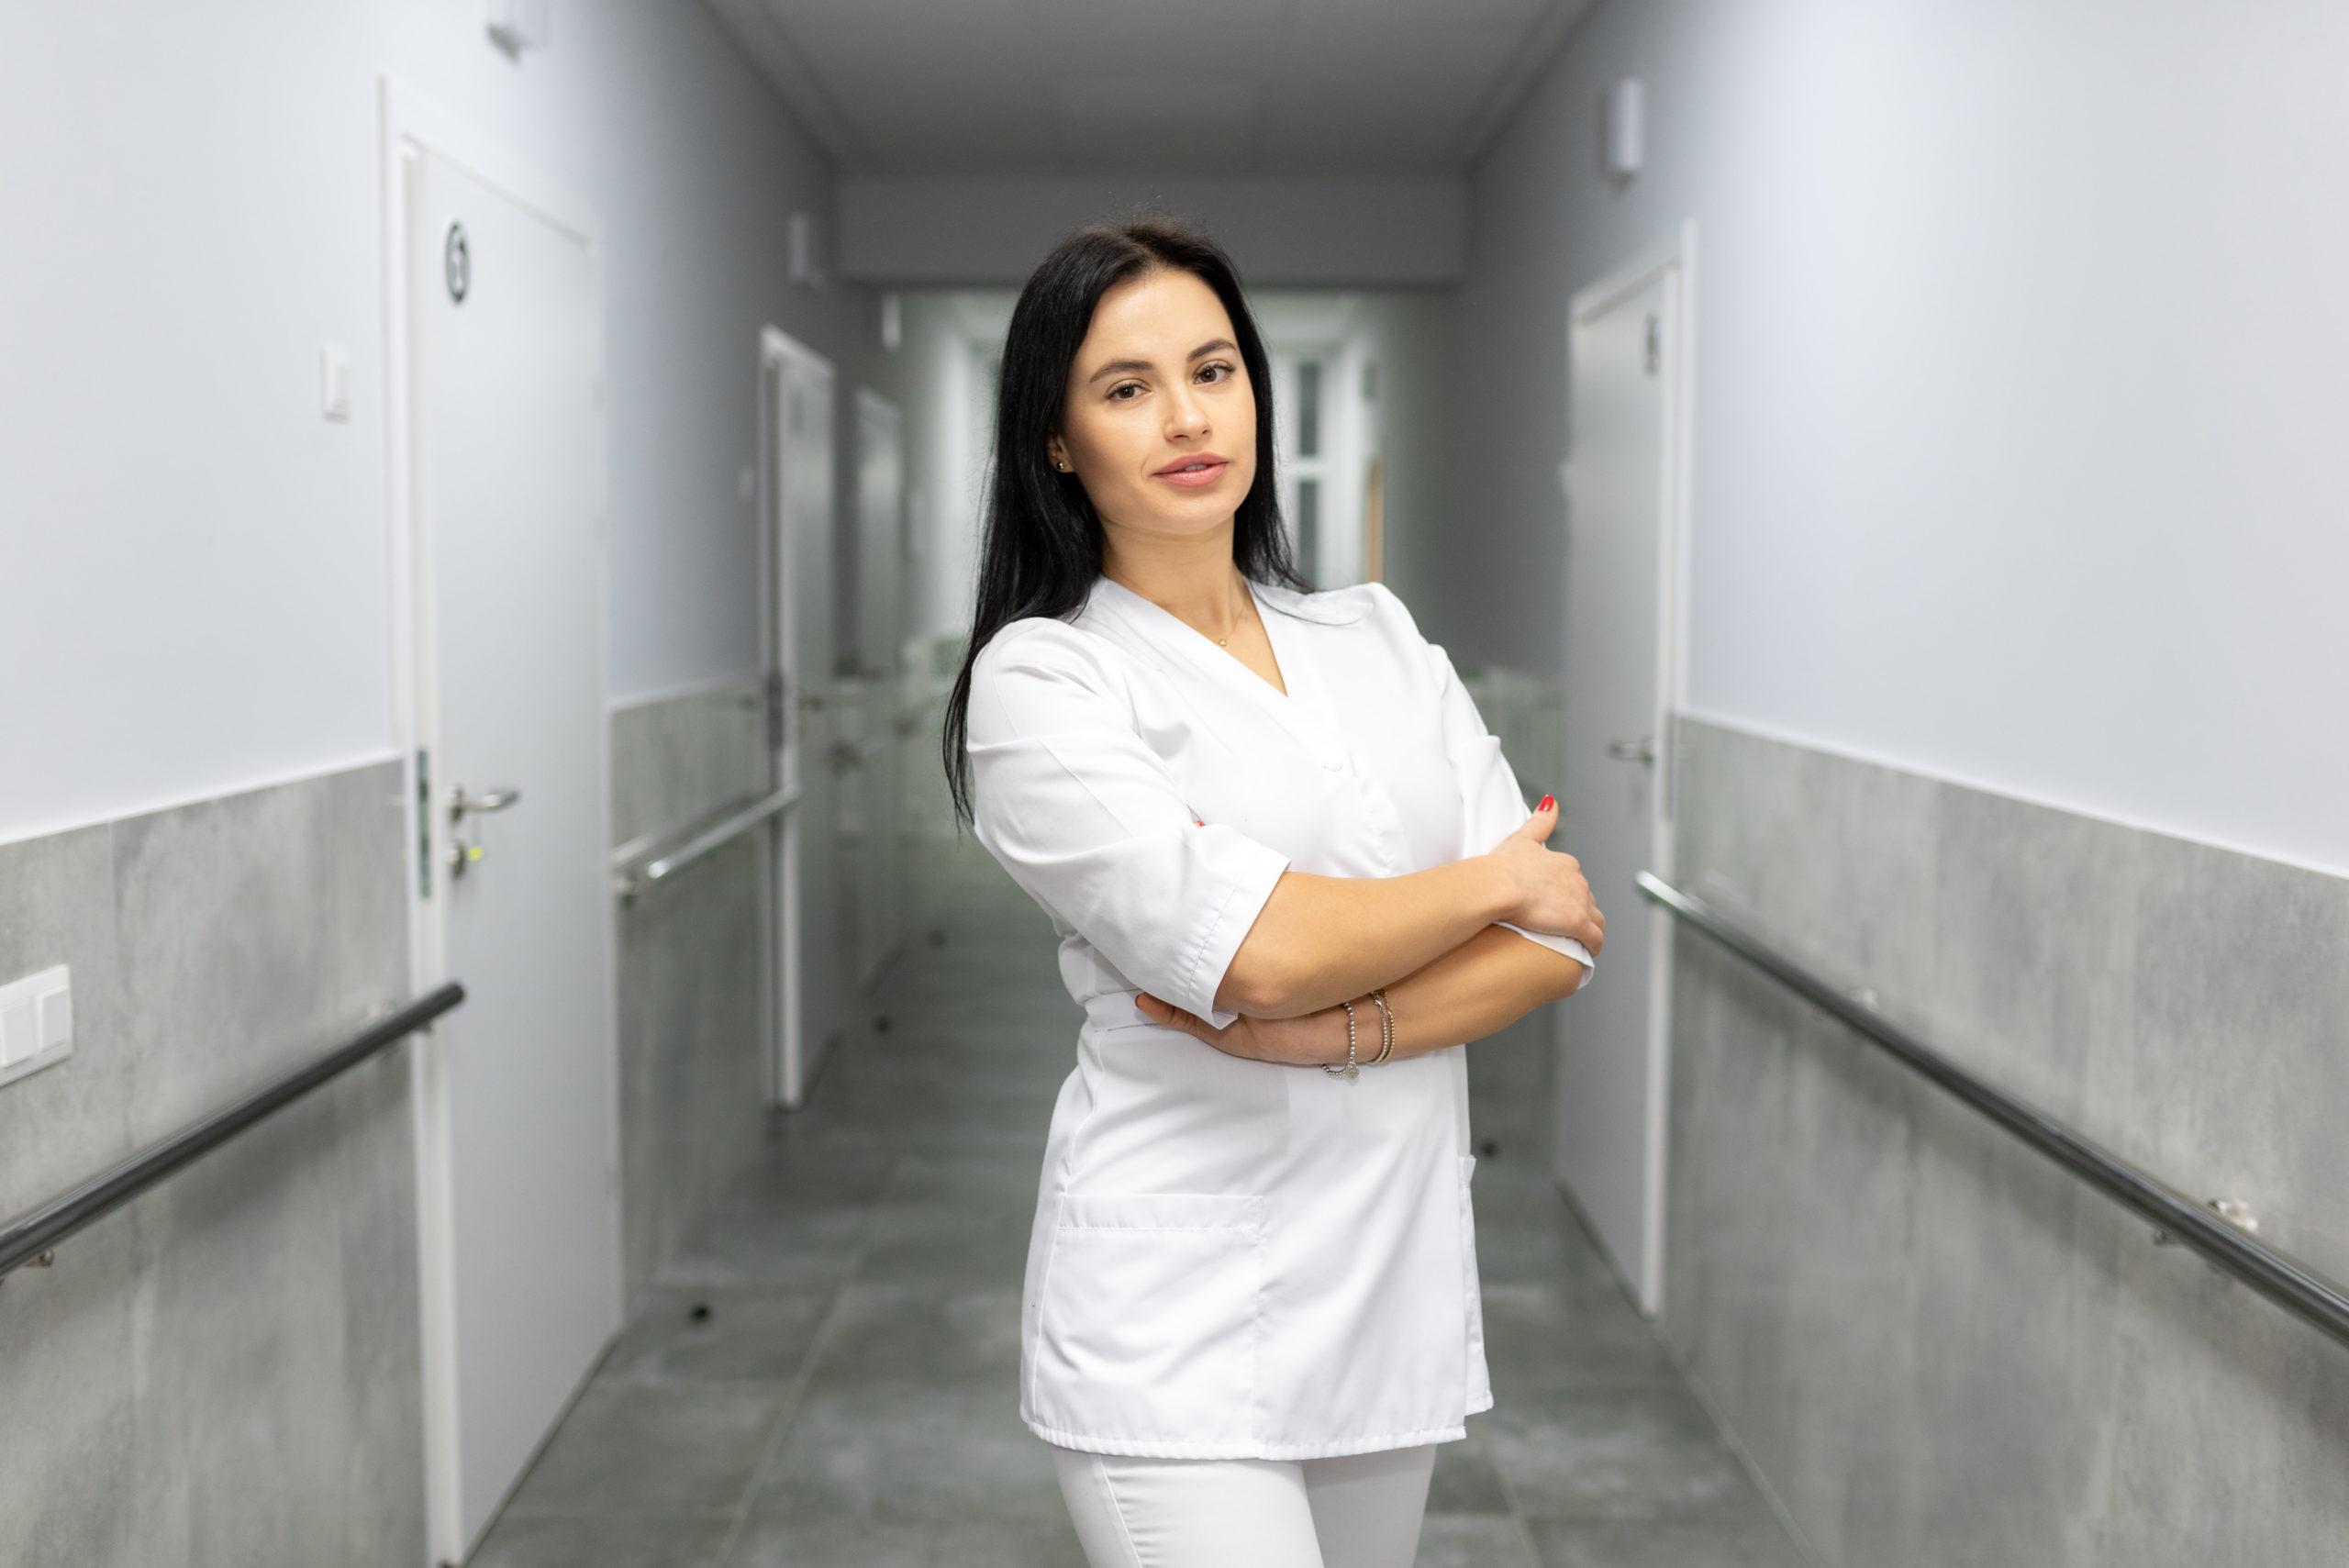 Ковтунович Ірина Григорівна